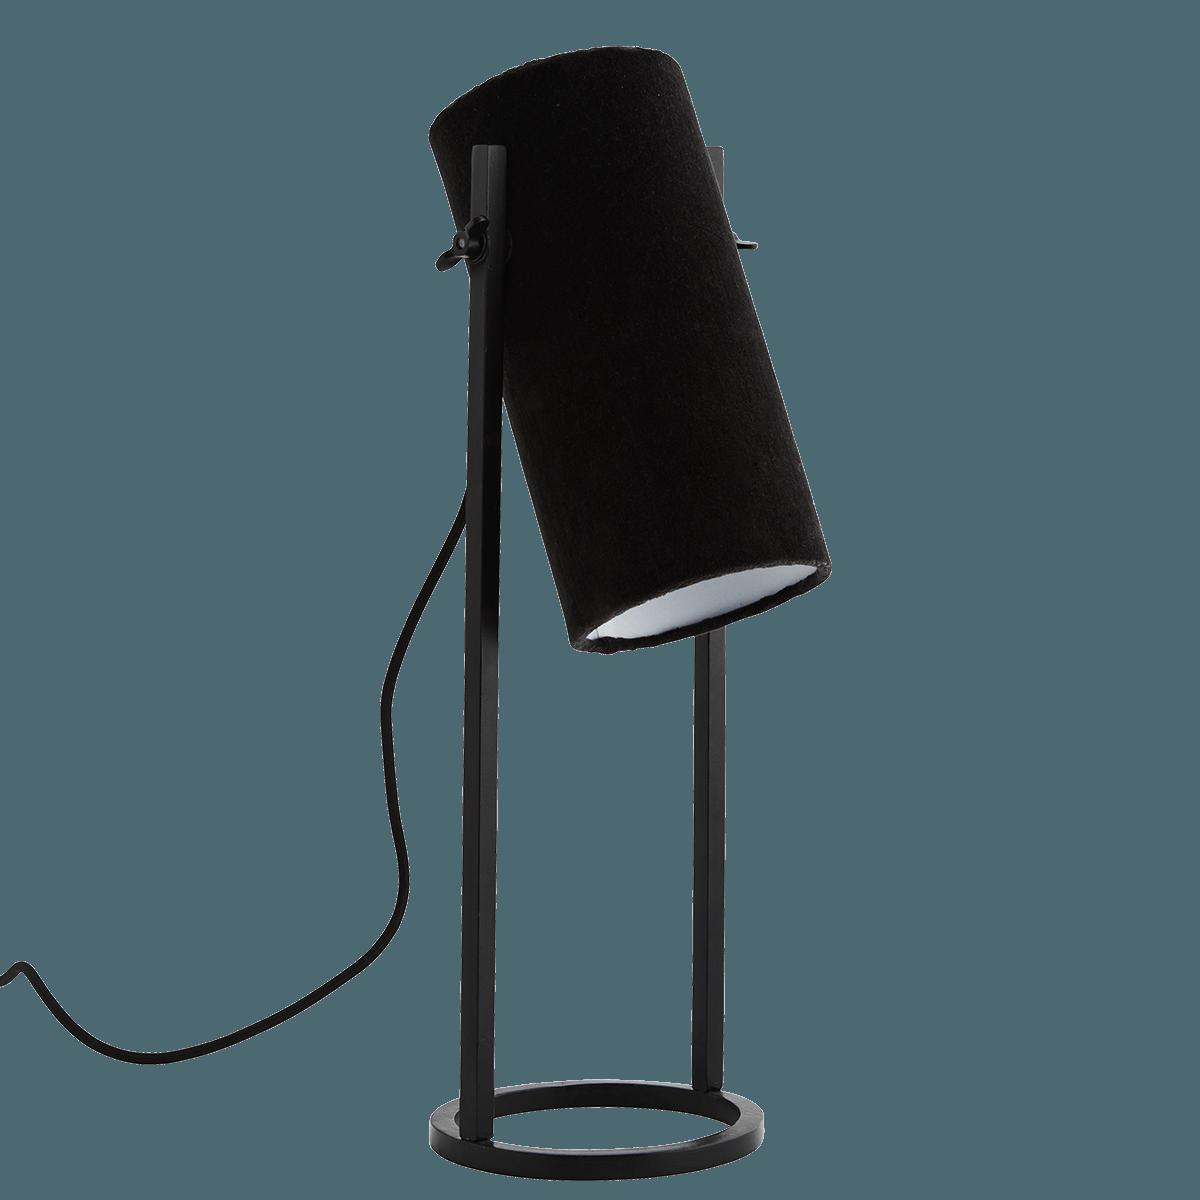 Samt Tischlampe Fur Euro Nbsp 120 99 Holzkohle Samt Tischlampe Auf Mattschwarzem Eisengestell Diese Lampe Benotigt Eine E1 In 2020 Tischlampen Lampe Lampentisch